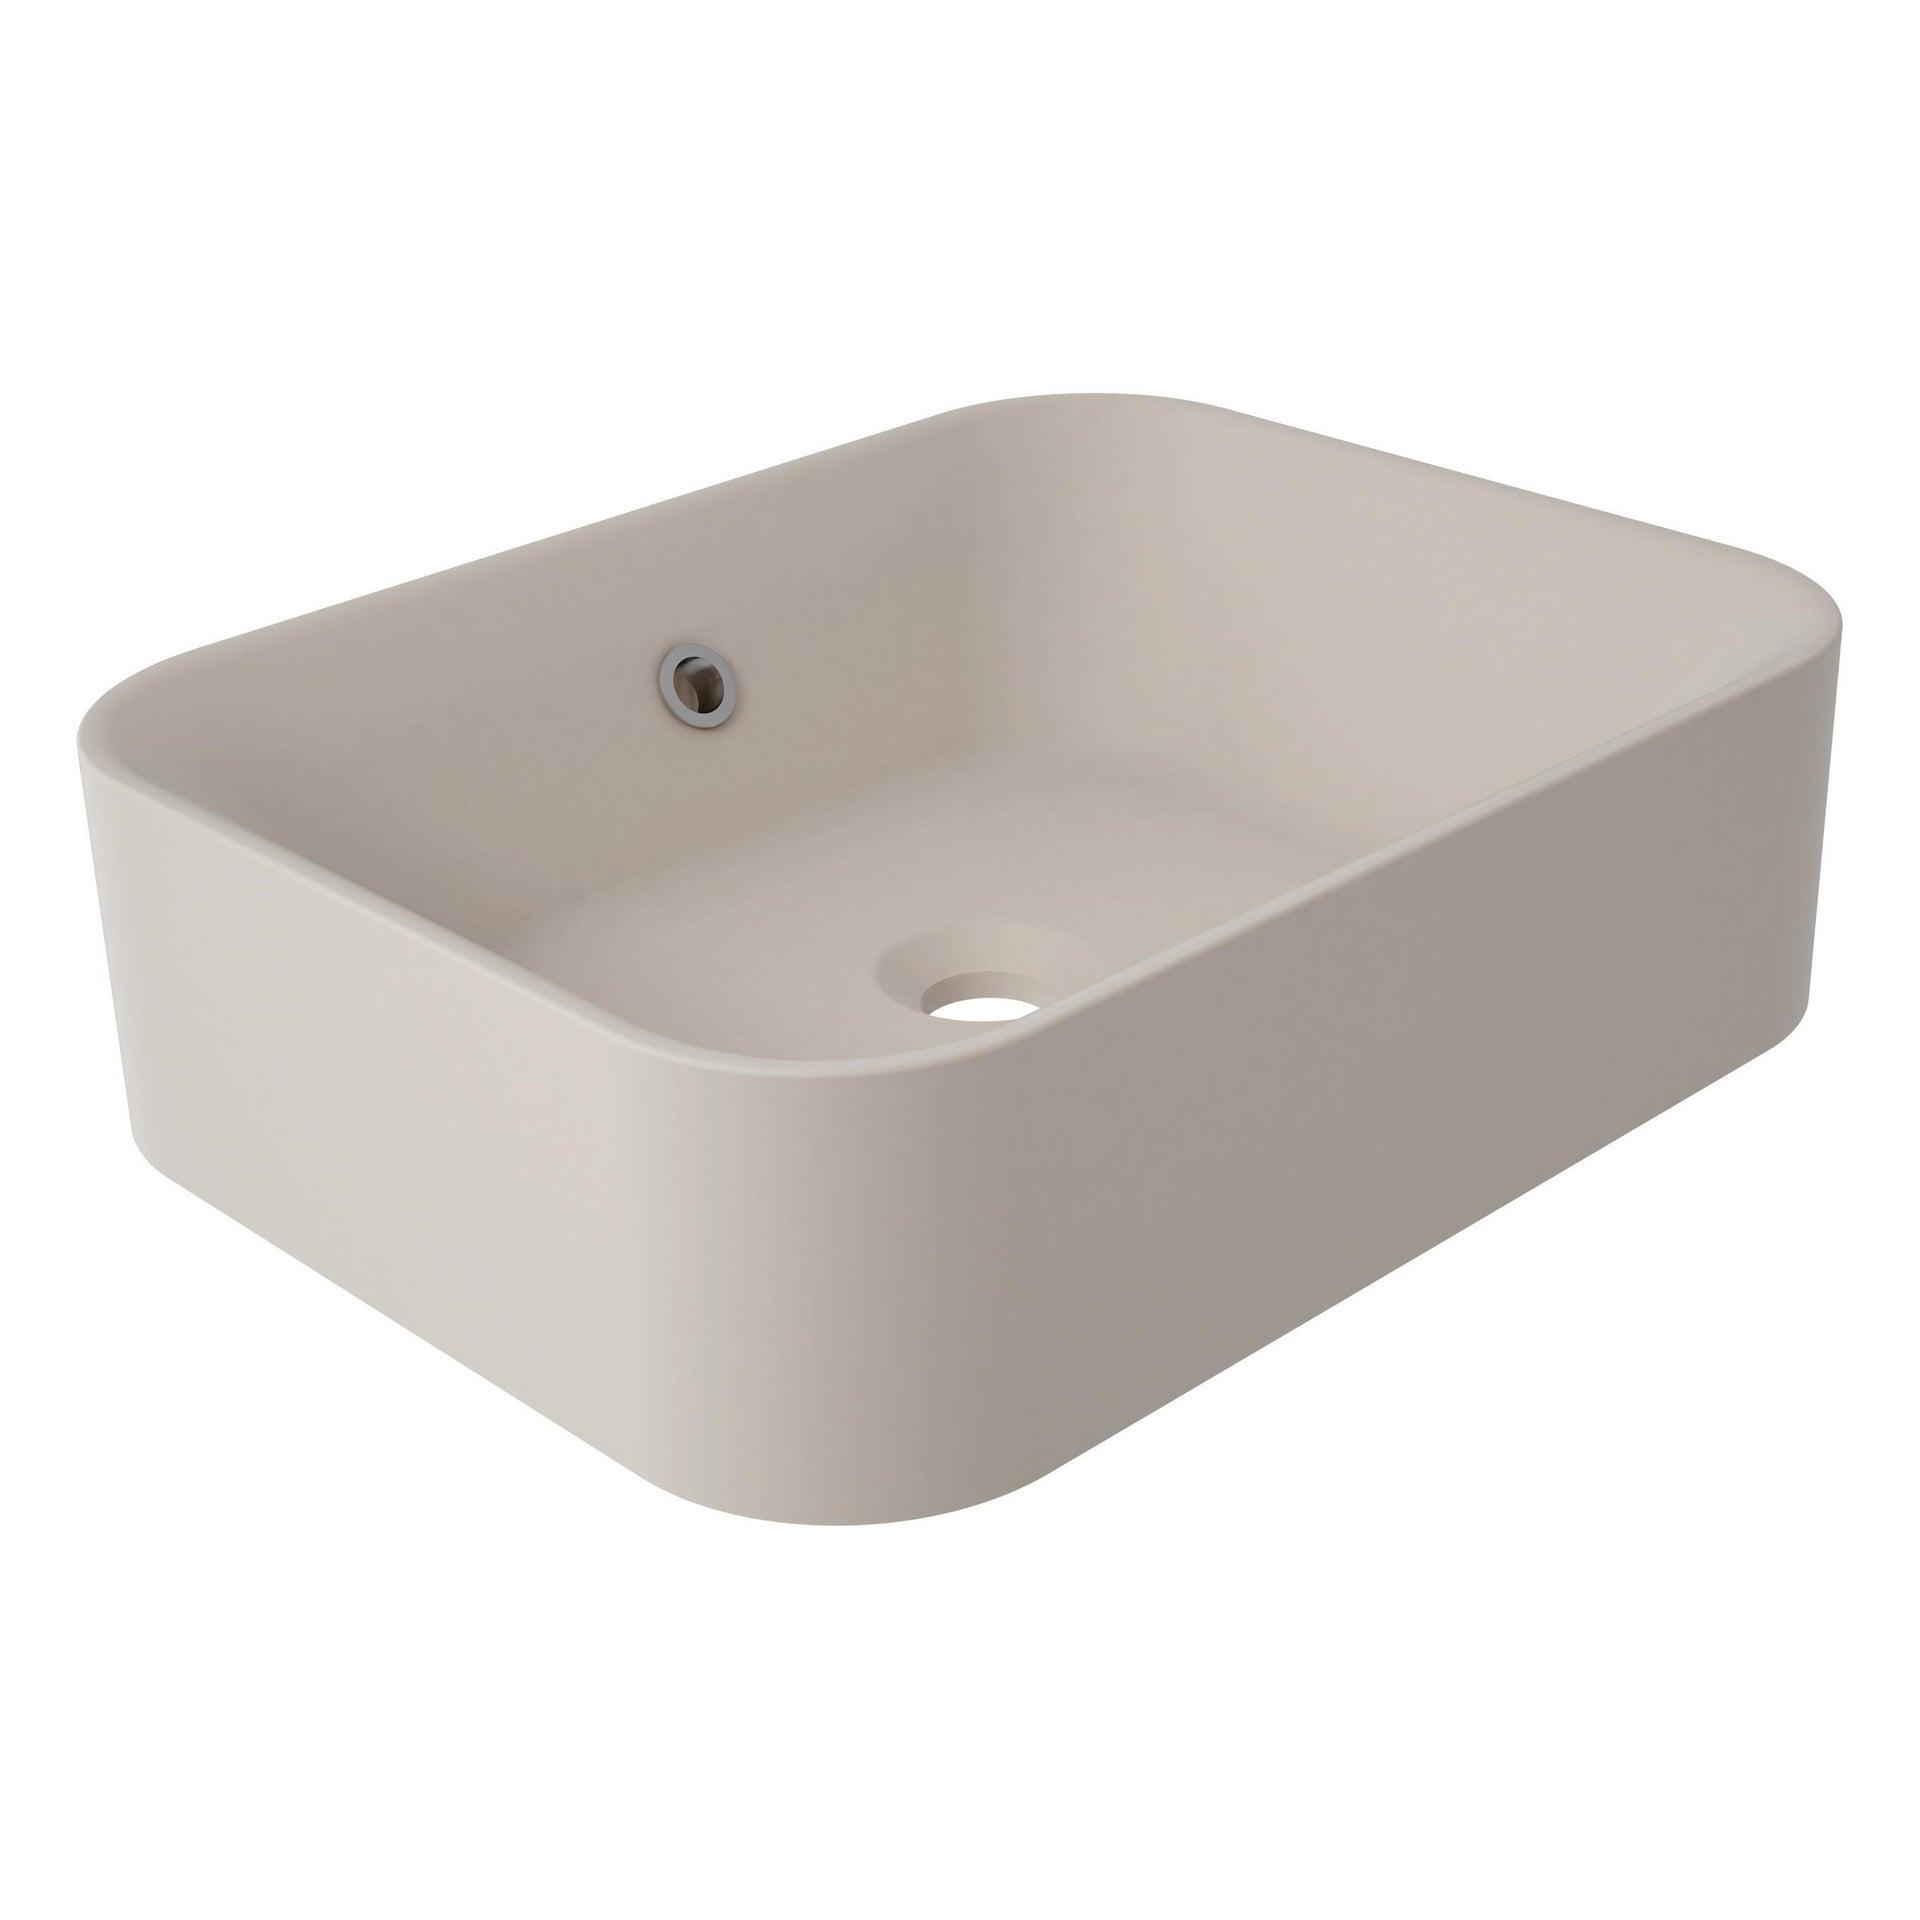 Lavabo da appoggio rettangolare Capsule in resina L 48 x P 38 x H 38 cm beige e naturale